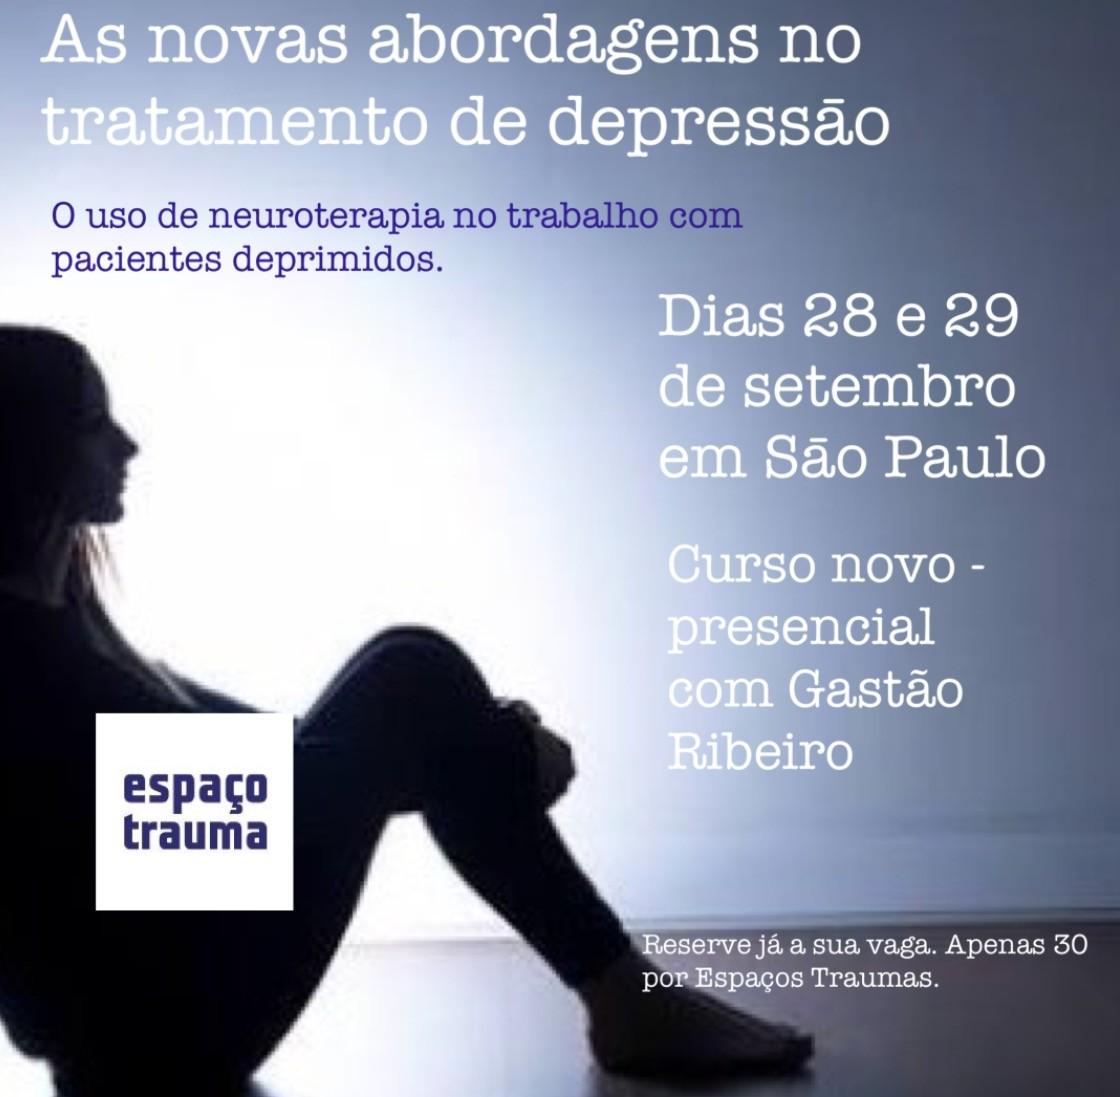 As Novas Abordagens no Tratamento de Depressões em São Paulo